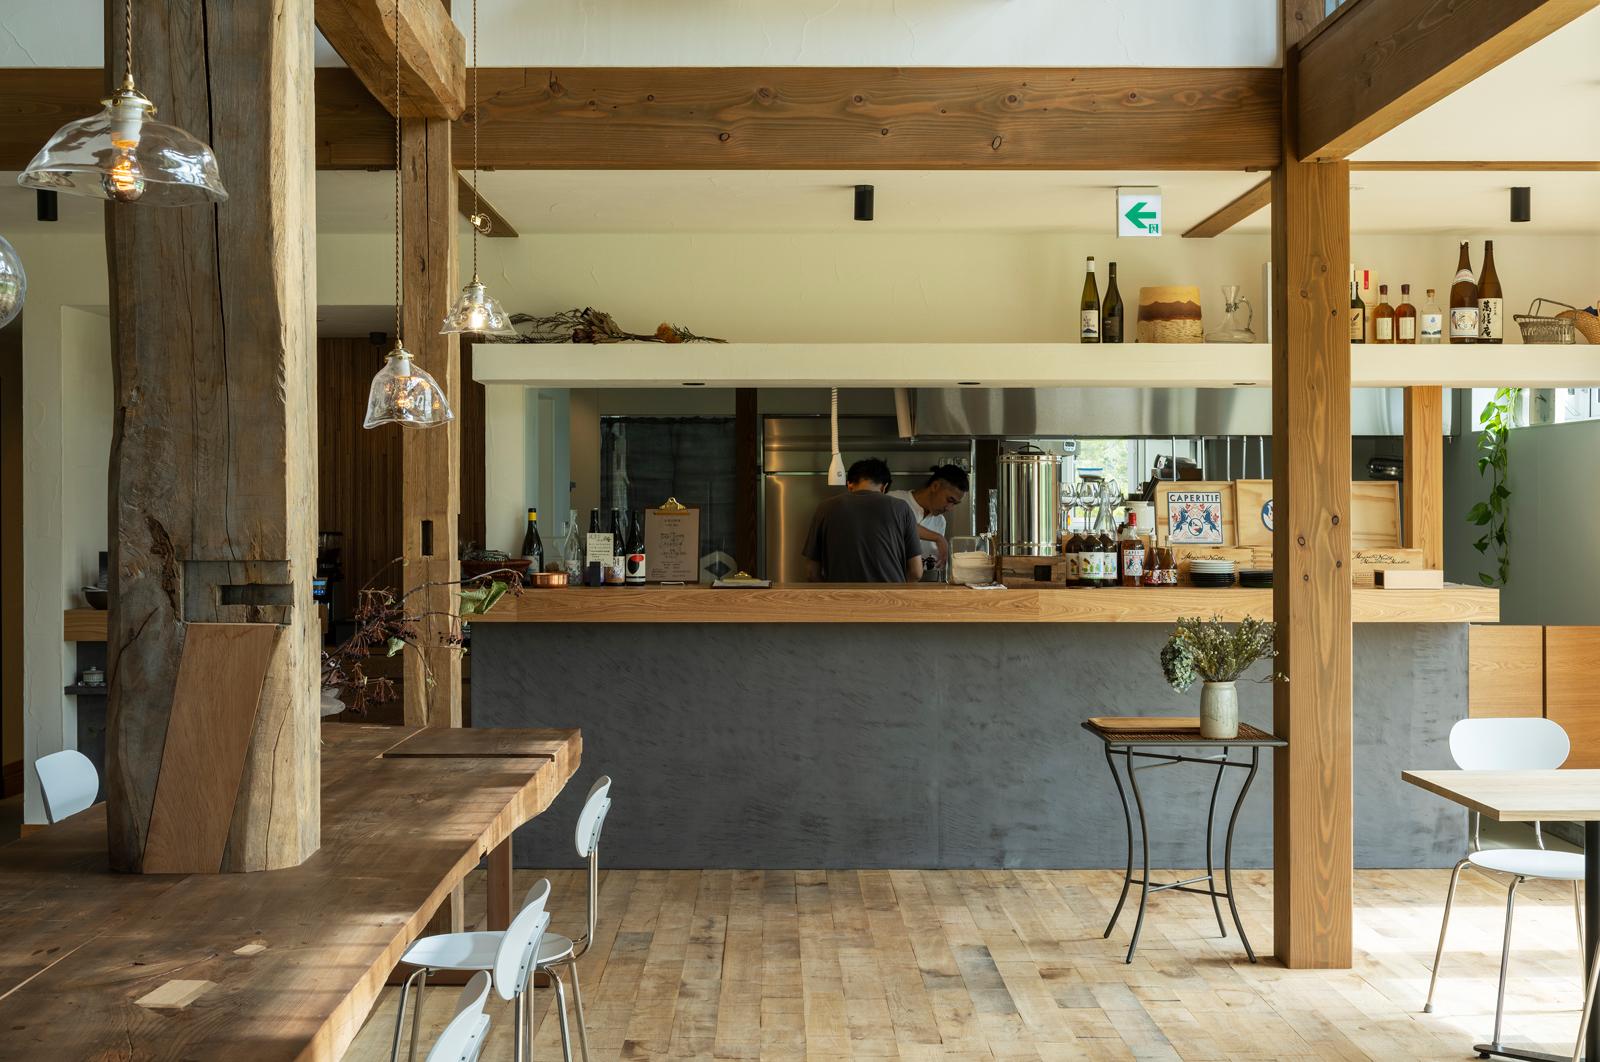 オープンキッチンのカウンターの墨色の腰壁は、工場仕上げのモールテックス。天板にはタモ無垢板を用いた